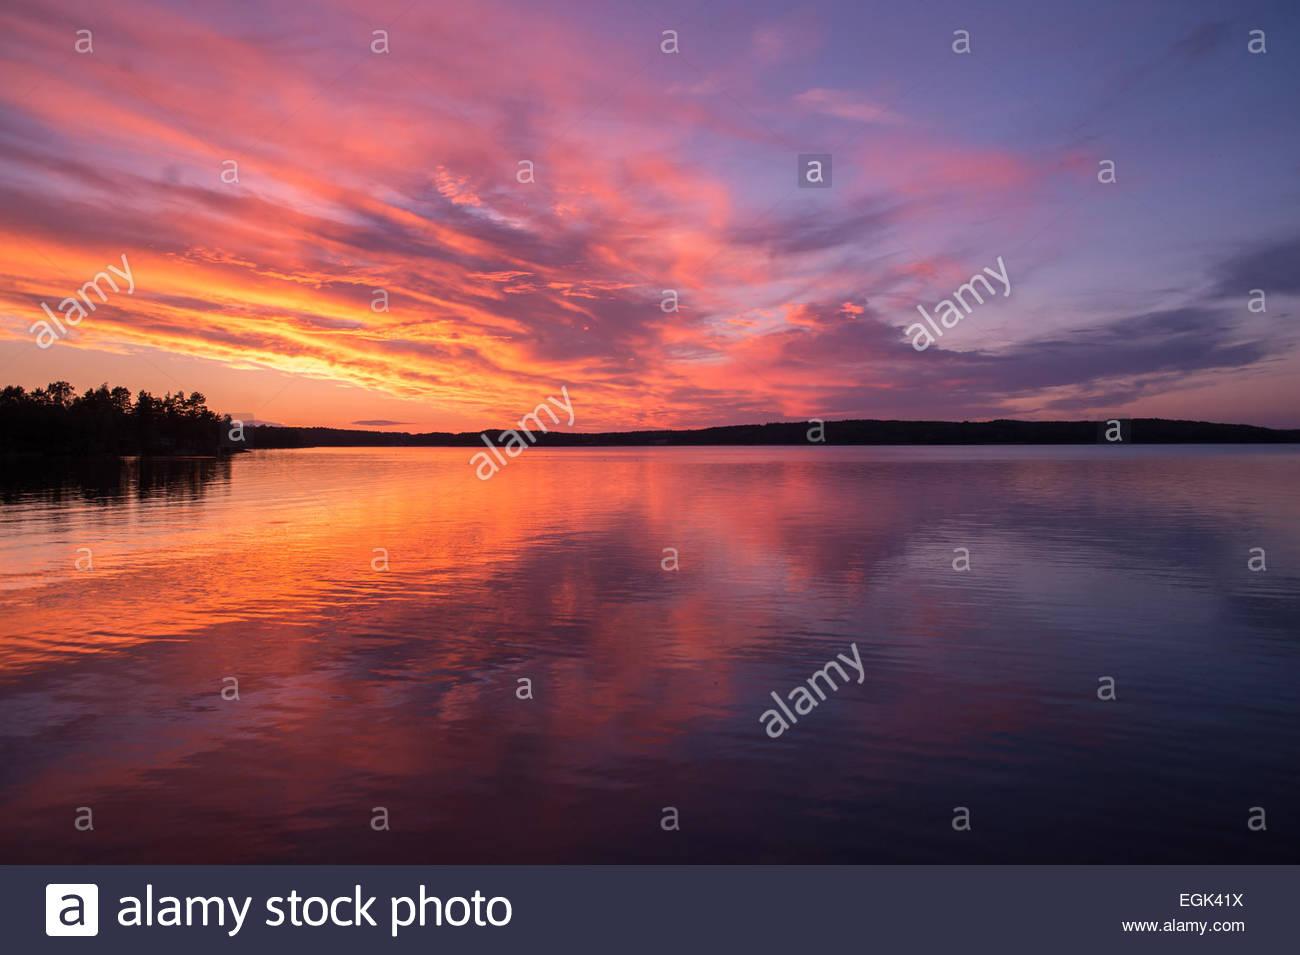 Idyllic sunset over lake - Stock Image